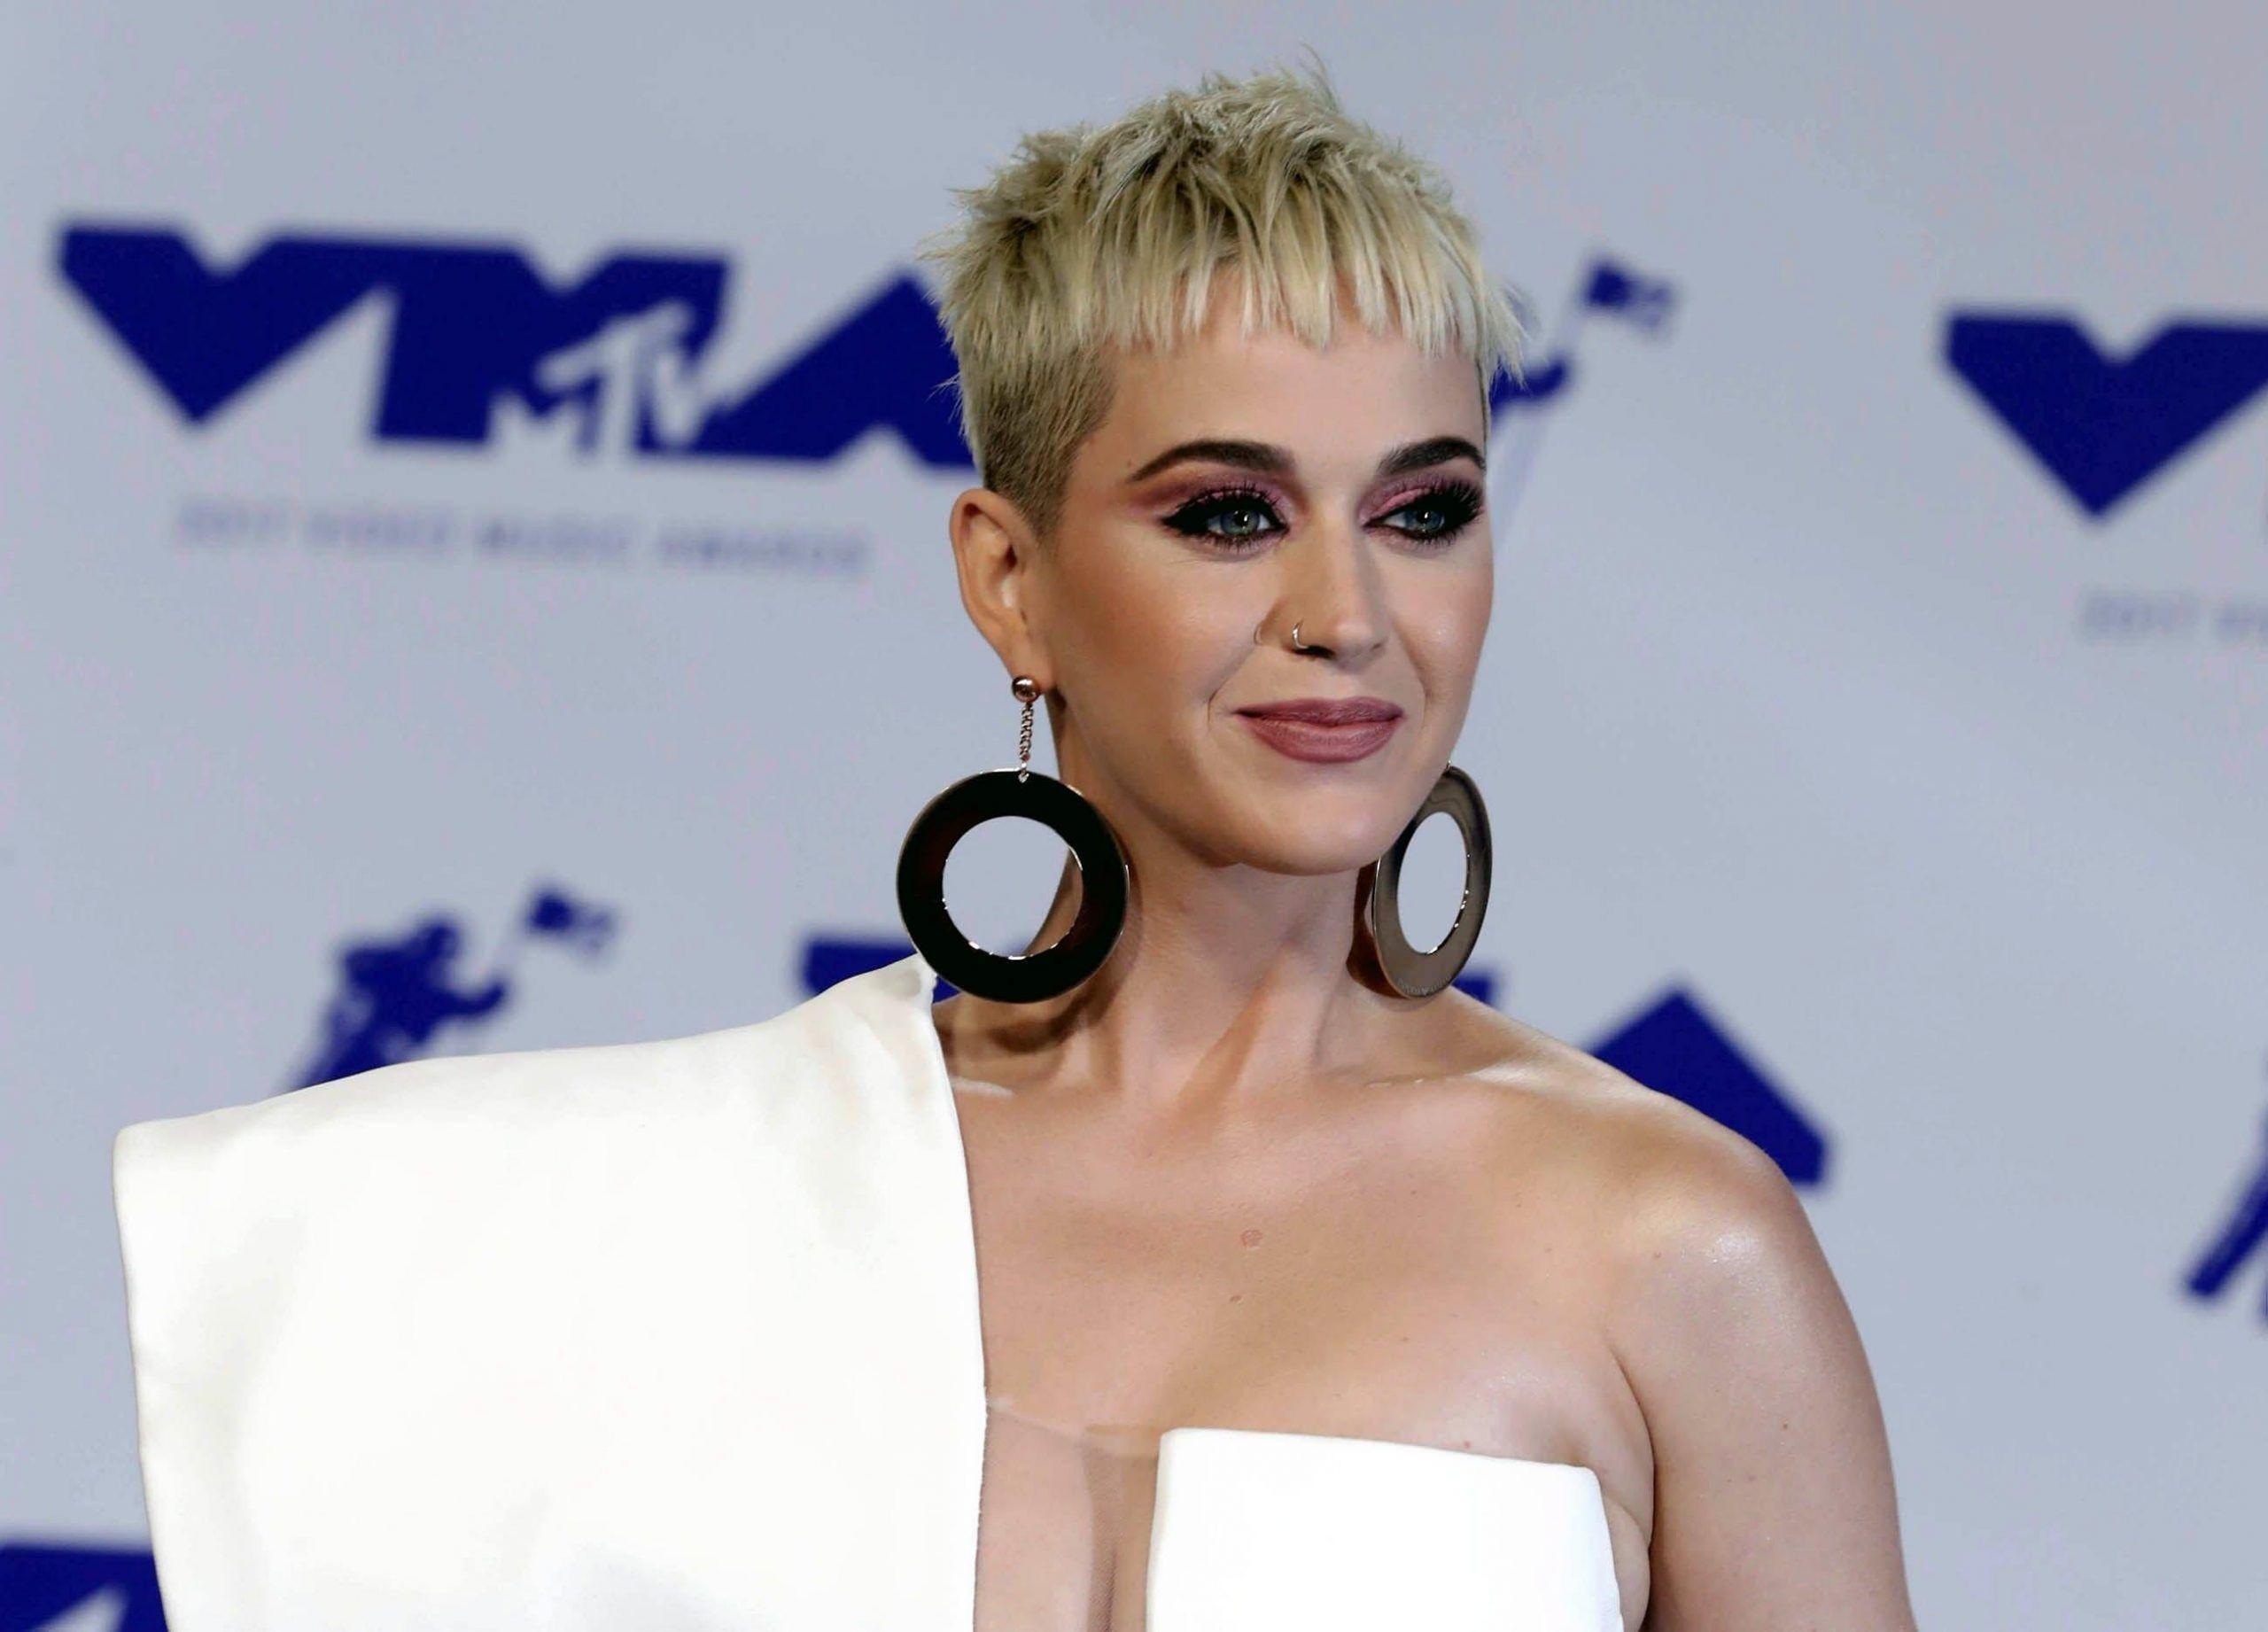 Katy Perry critica Meghan Markle per il suo abito da sposa: 'Ha vinto Kate Middleton'